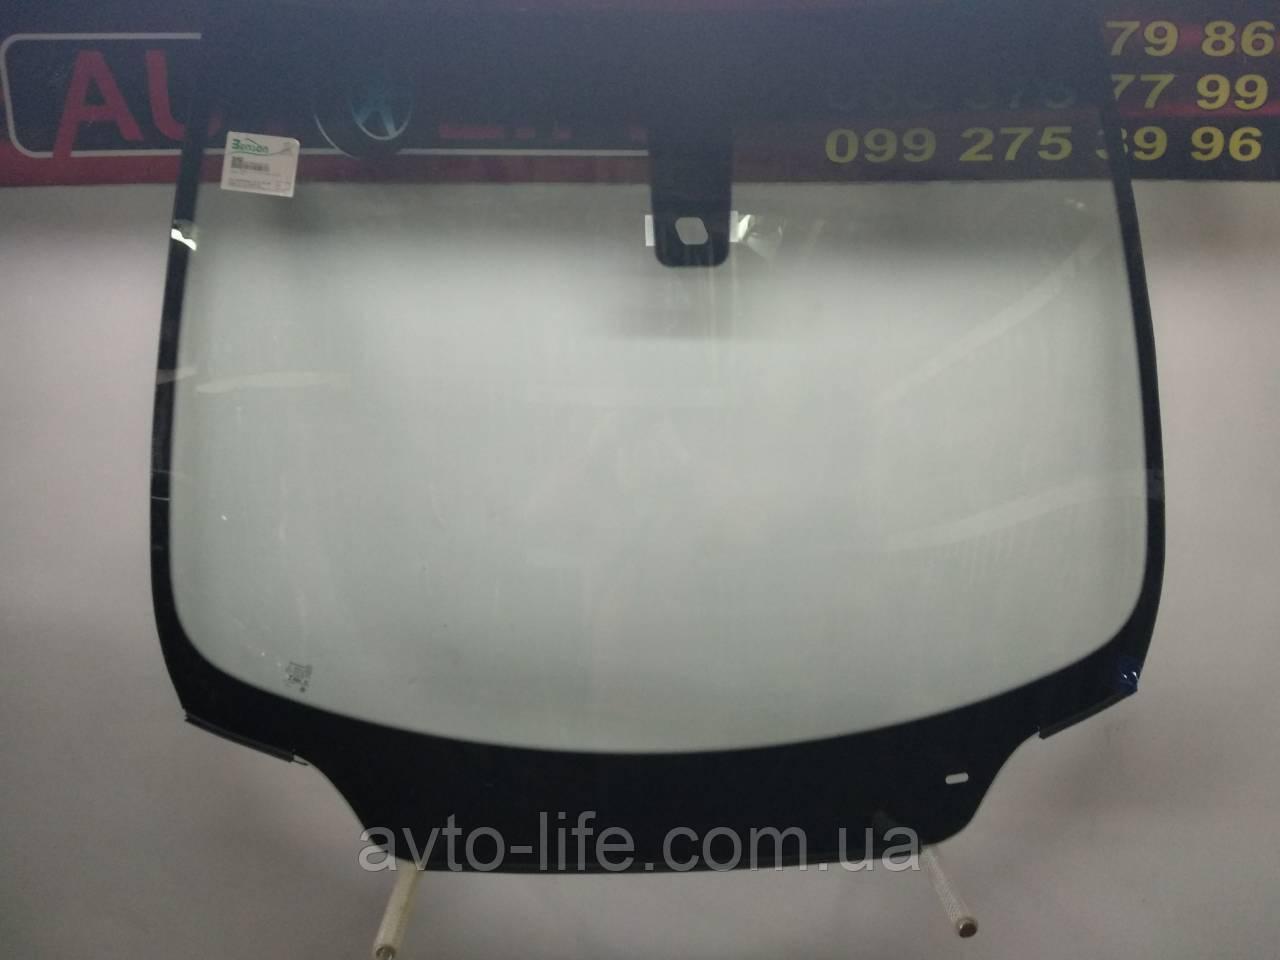 Лобовое стекло Peugeot 307  (Хетчбек, Комби) (2001-2008) датчик дождя, капсула ОРИГИНАЛ | Автостекло Пежо 307